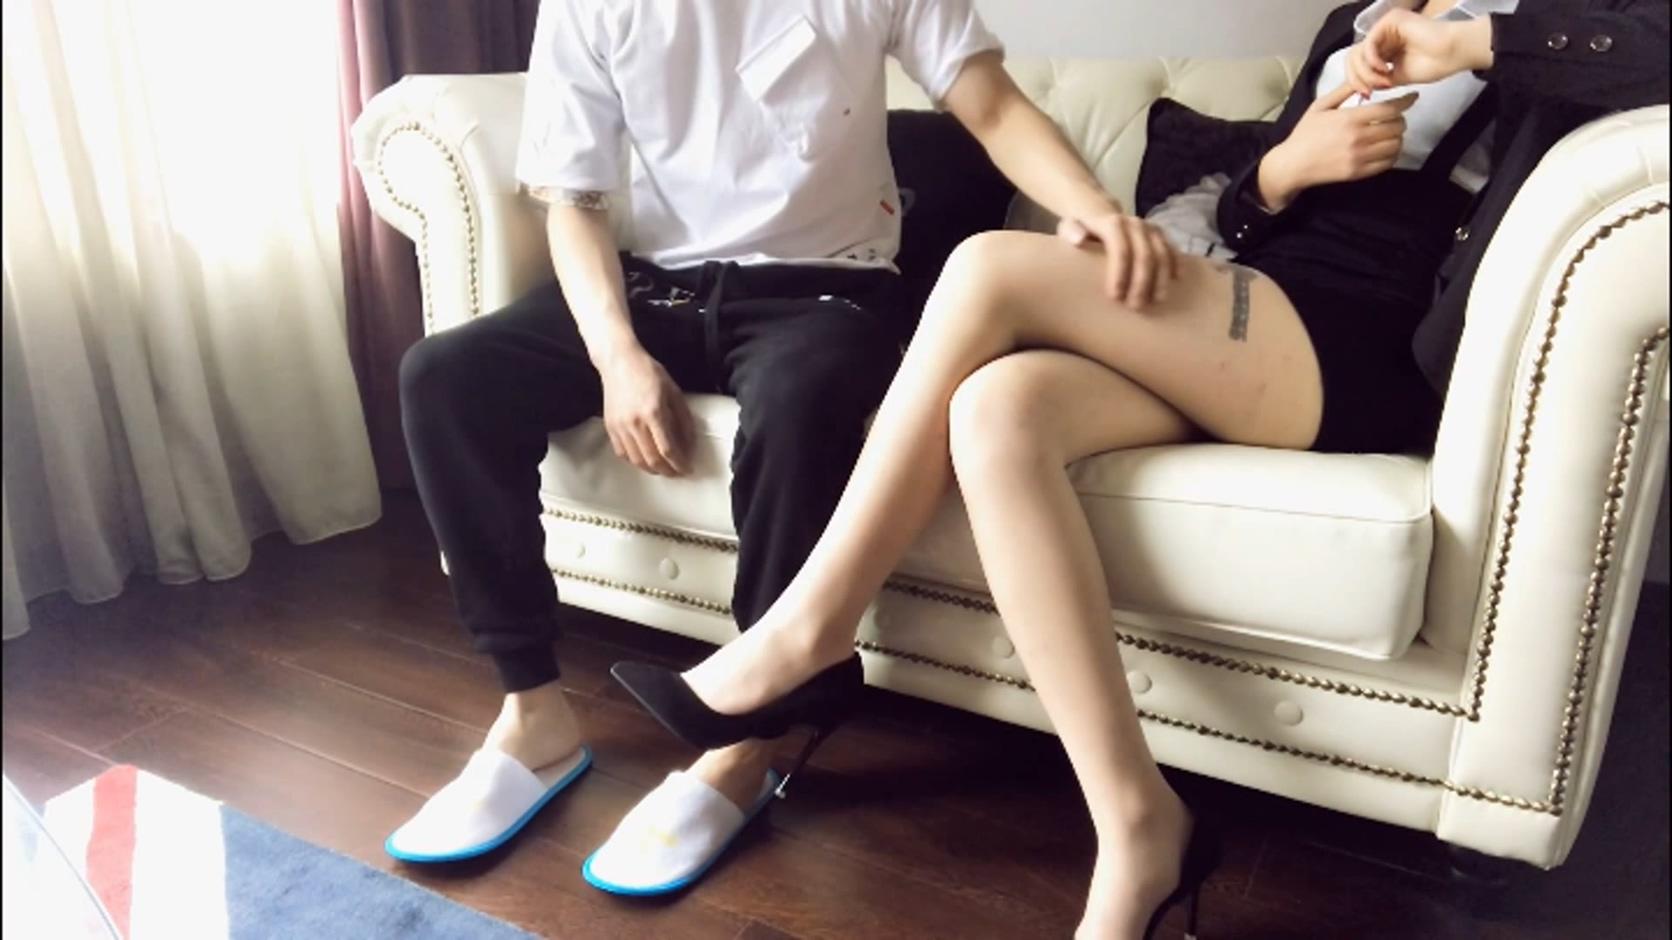 图片[1]-91爱思小仙女思妍 潜规则酒店肉丝长腿前台1080P高清[MP4/1.56G]-醉四季